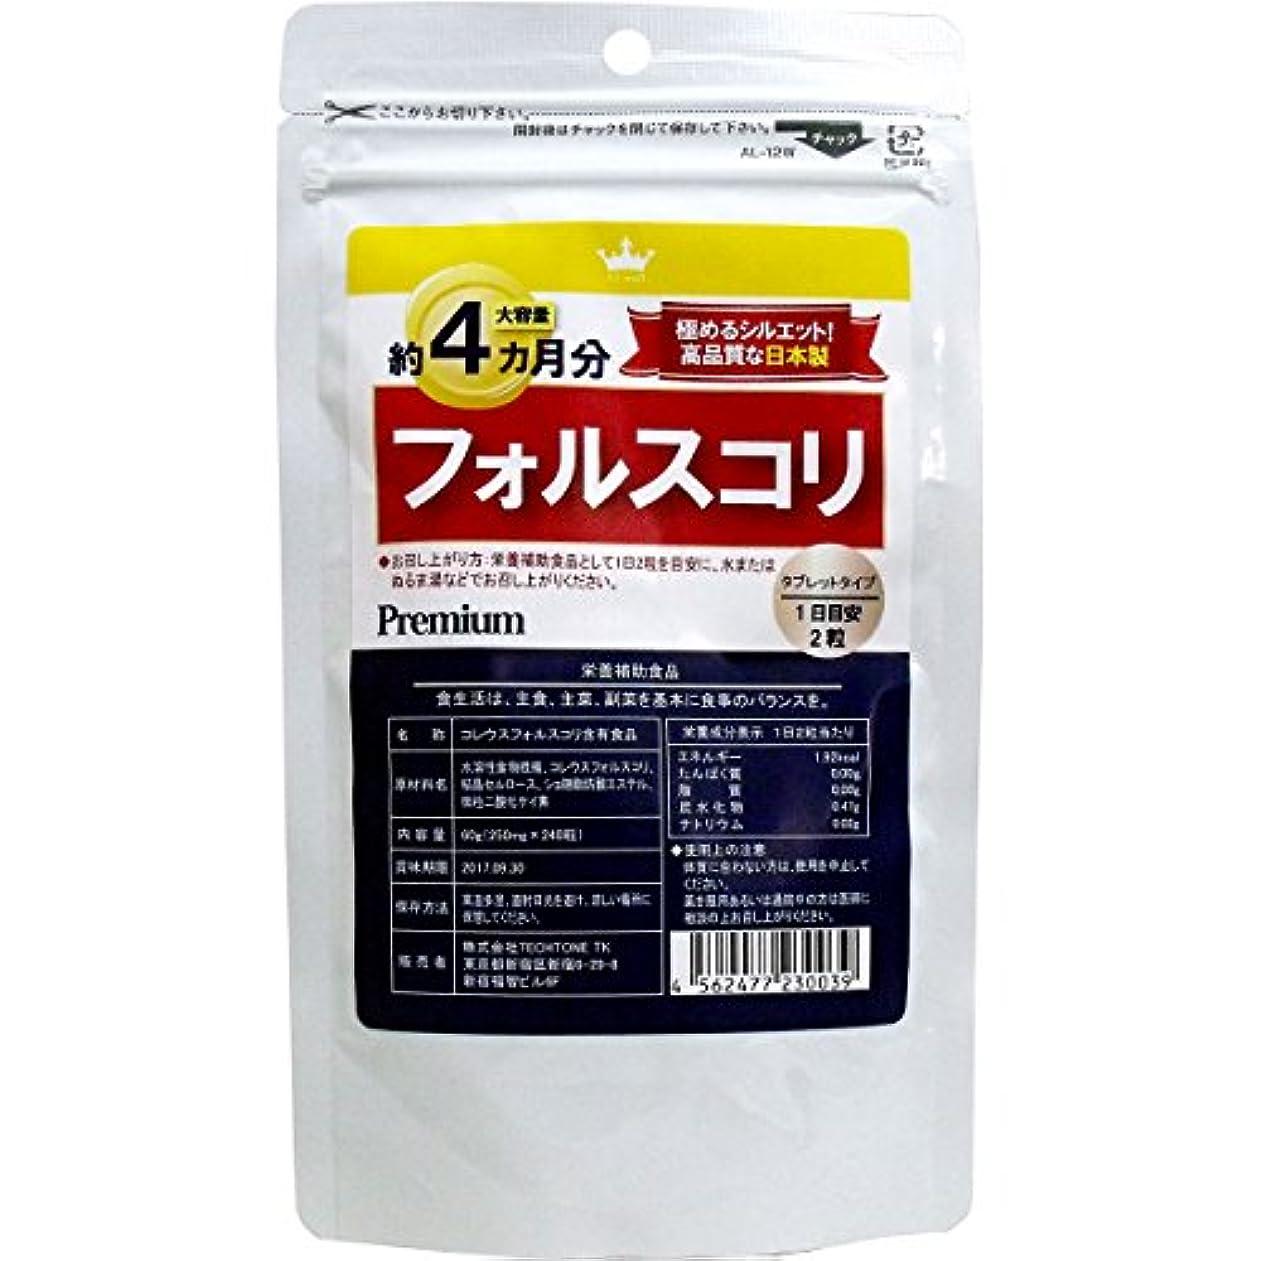 乳白色骨折処分したサプリ 極めるシルエット 栄養機能食品 フォルスコリ 約4カ月分 240粒入【5個セット】